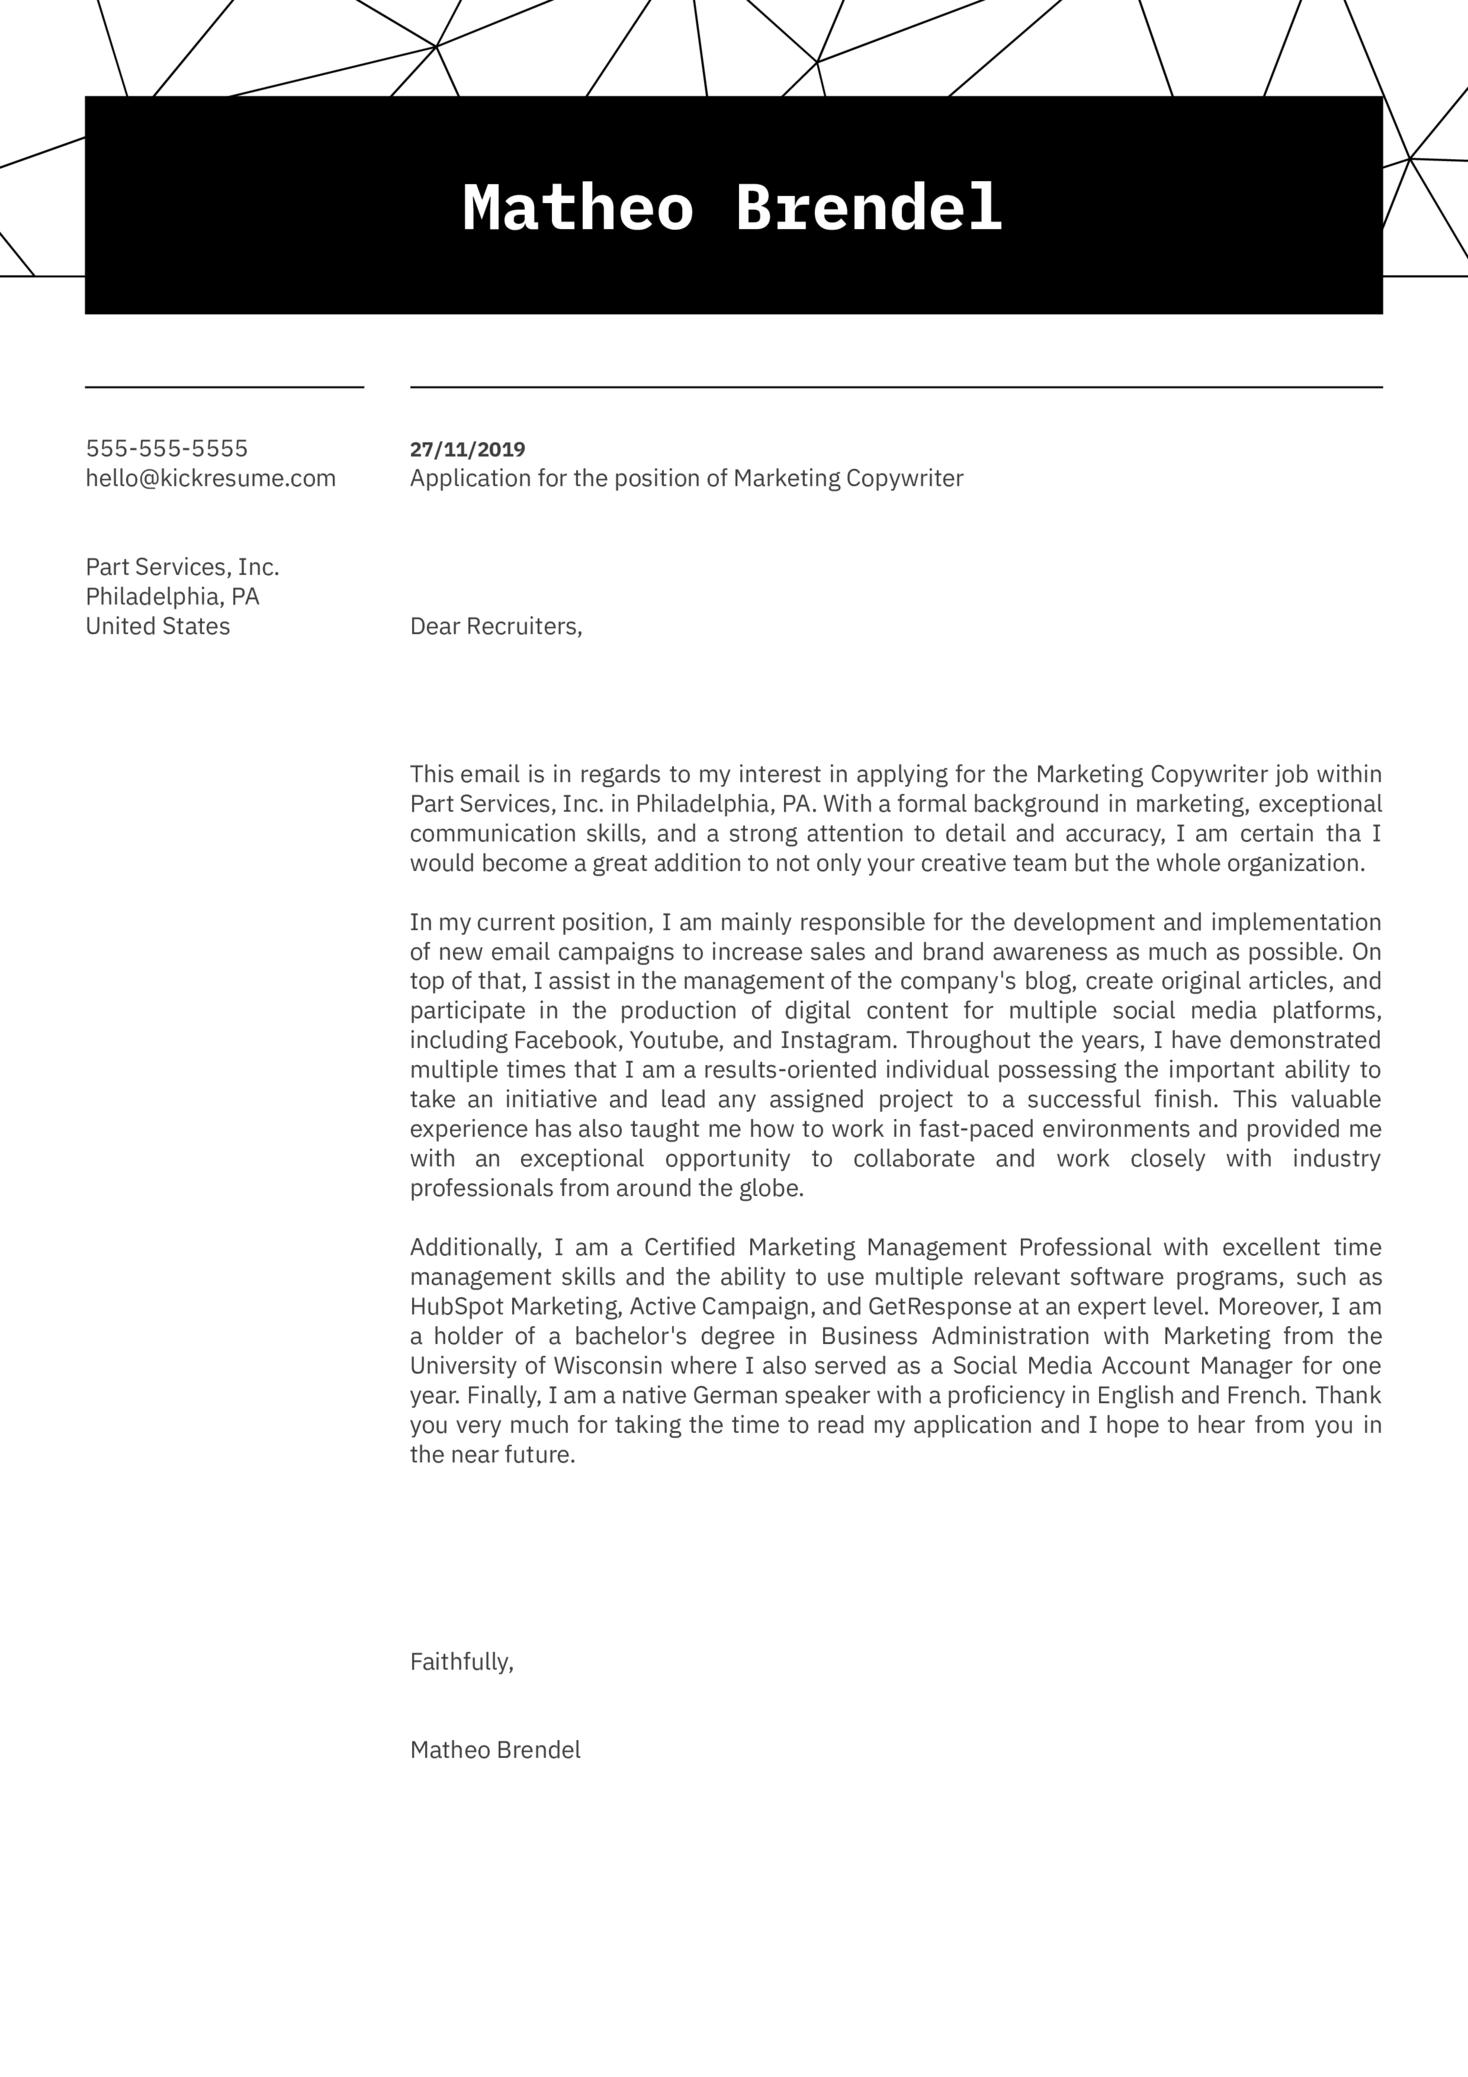 Marketing Copywriter Cover Letter Example Kickresume